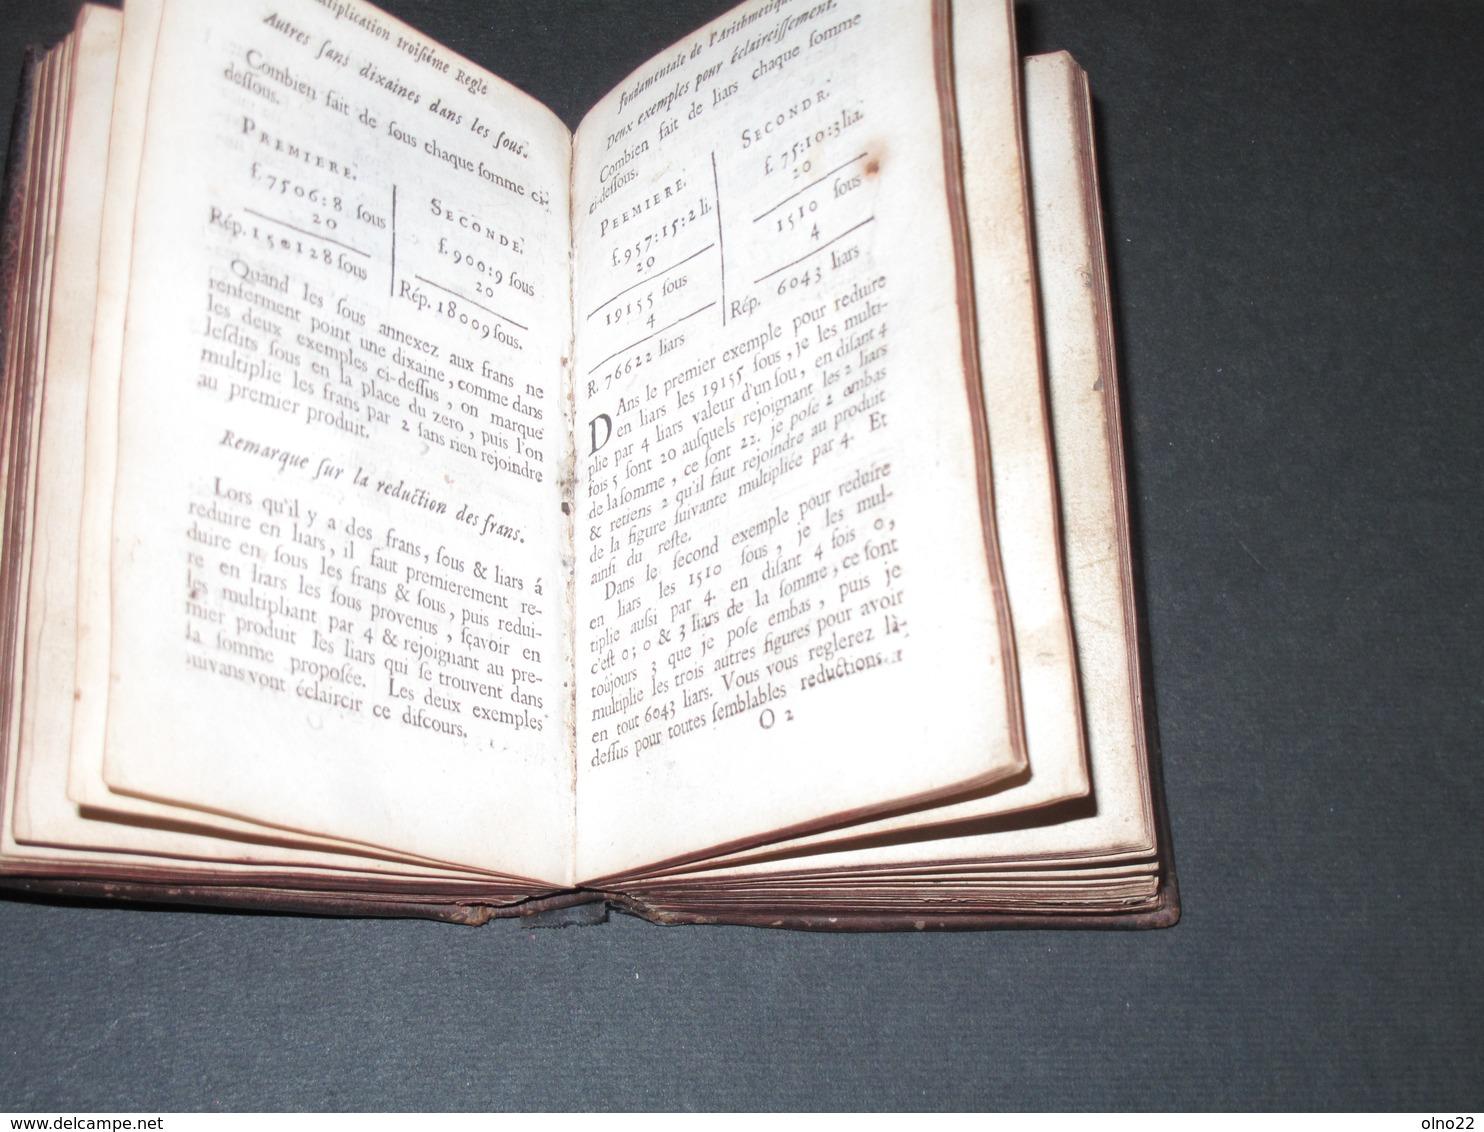 NICOLAS MARTEL - ARITHMETIQUE ET ECLAICISSEMENS TRES AMPLES SURLES REGLES LIEGE 1747 - TOME I Et II - Wissenschaft